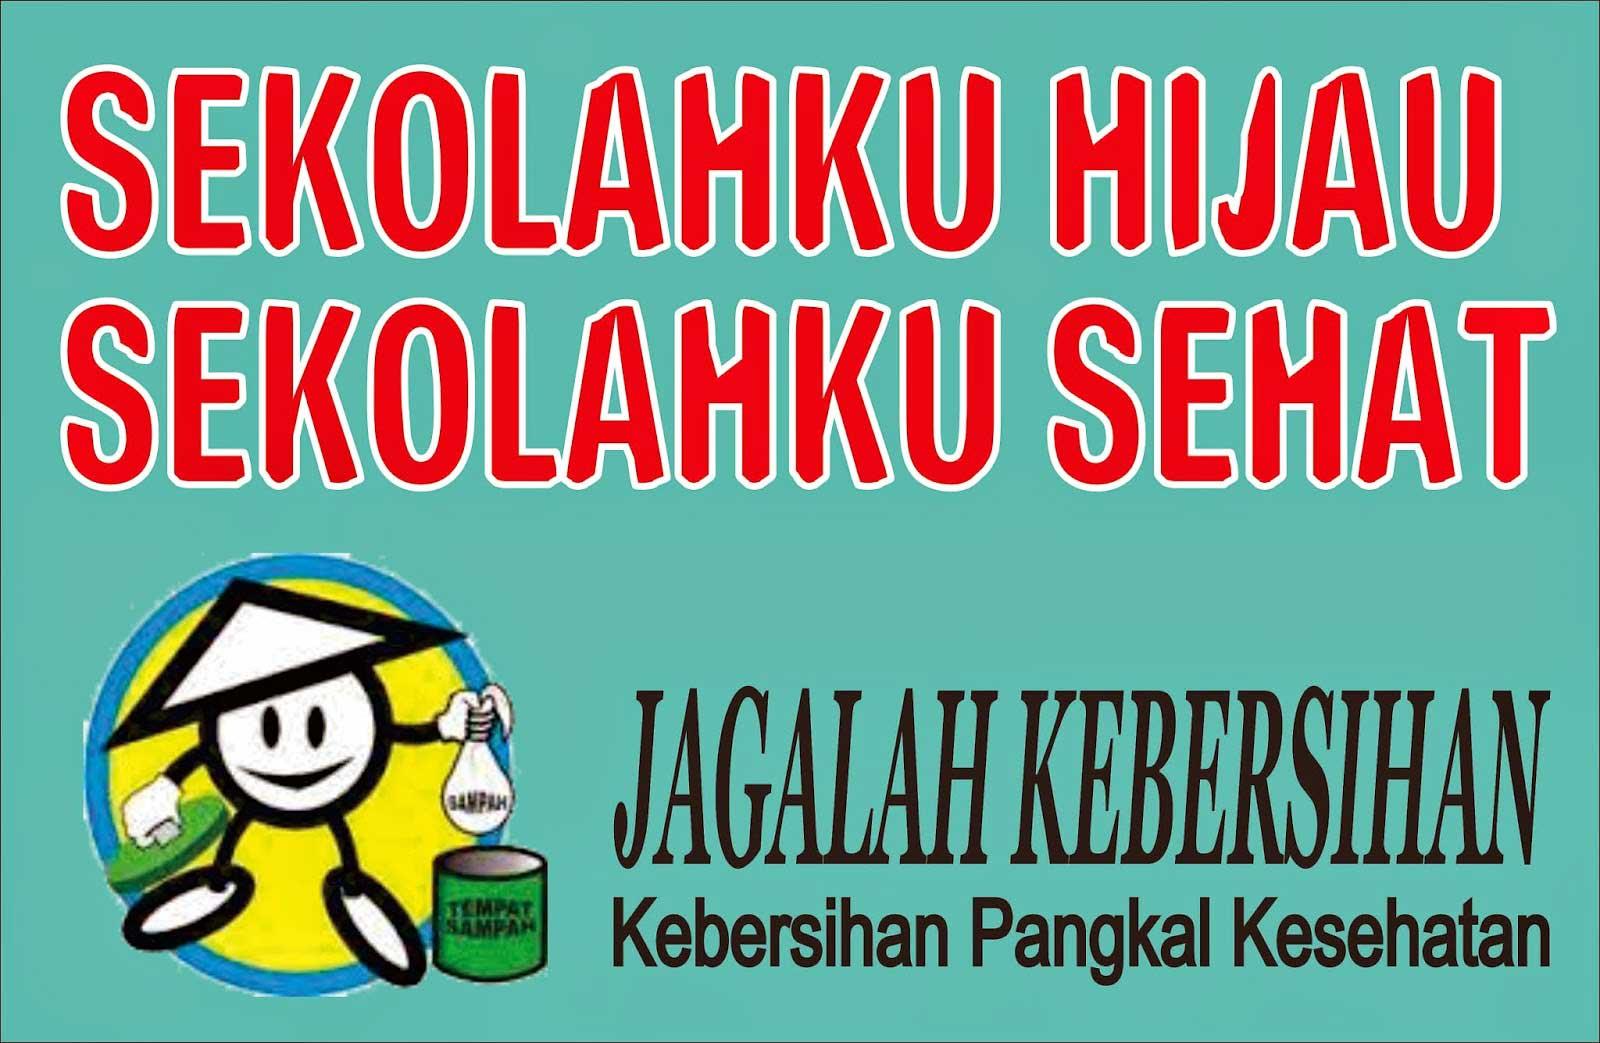 Materi Pelajaran 9: Contoh Gambar Slogan Kebersihan